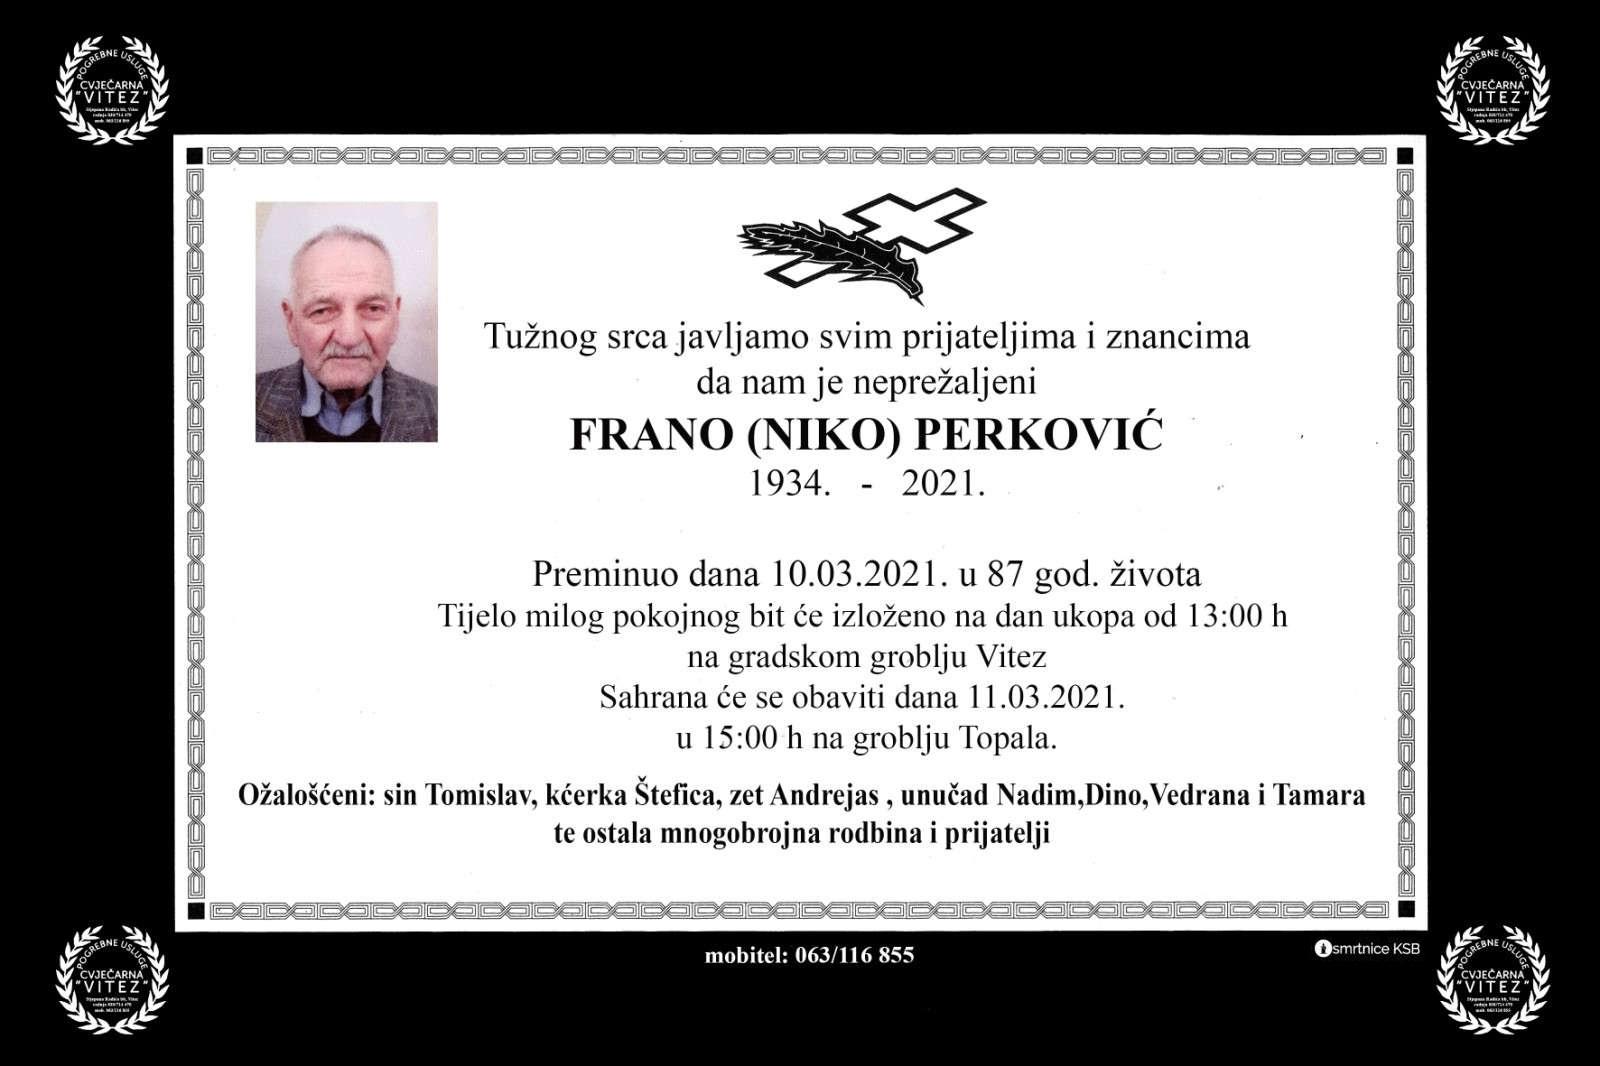 Frano (Niko) Perković